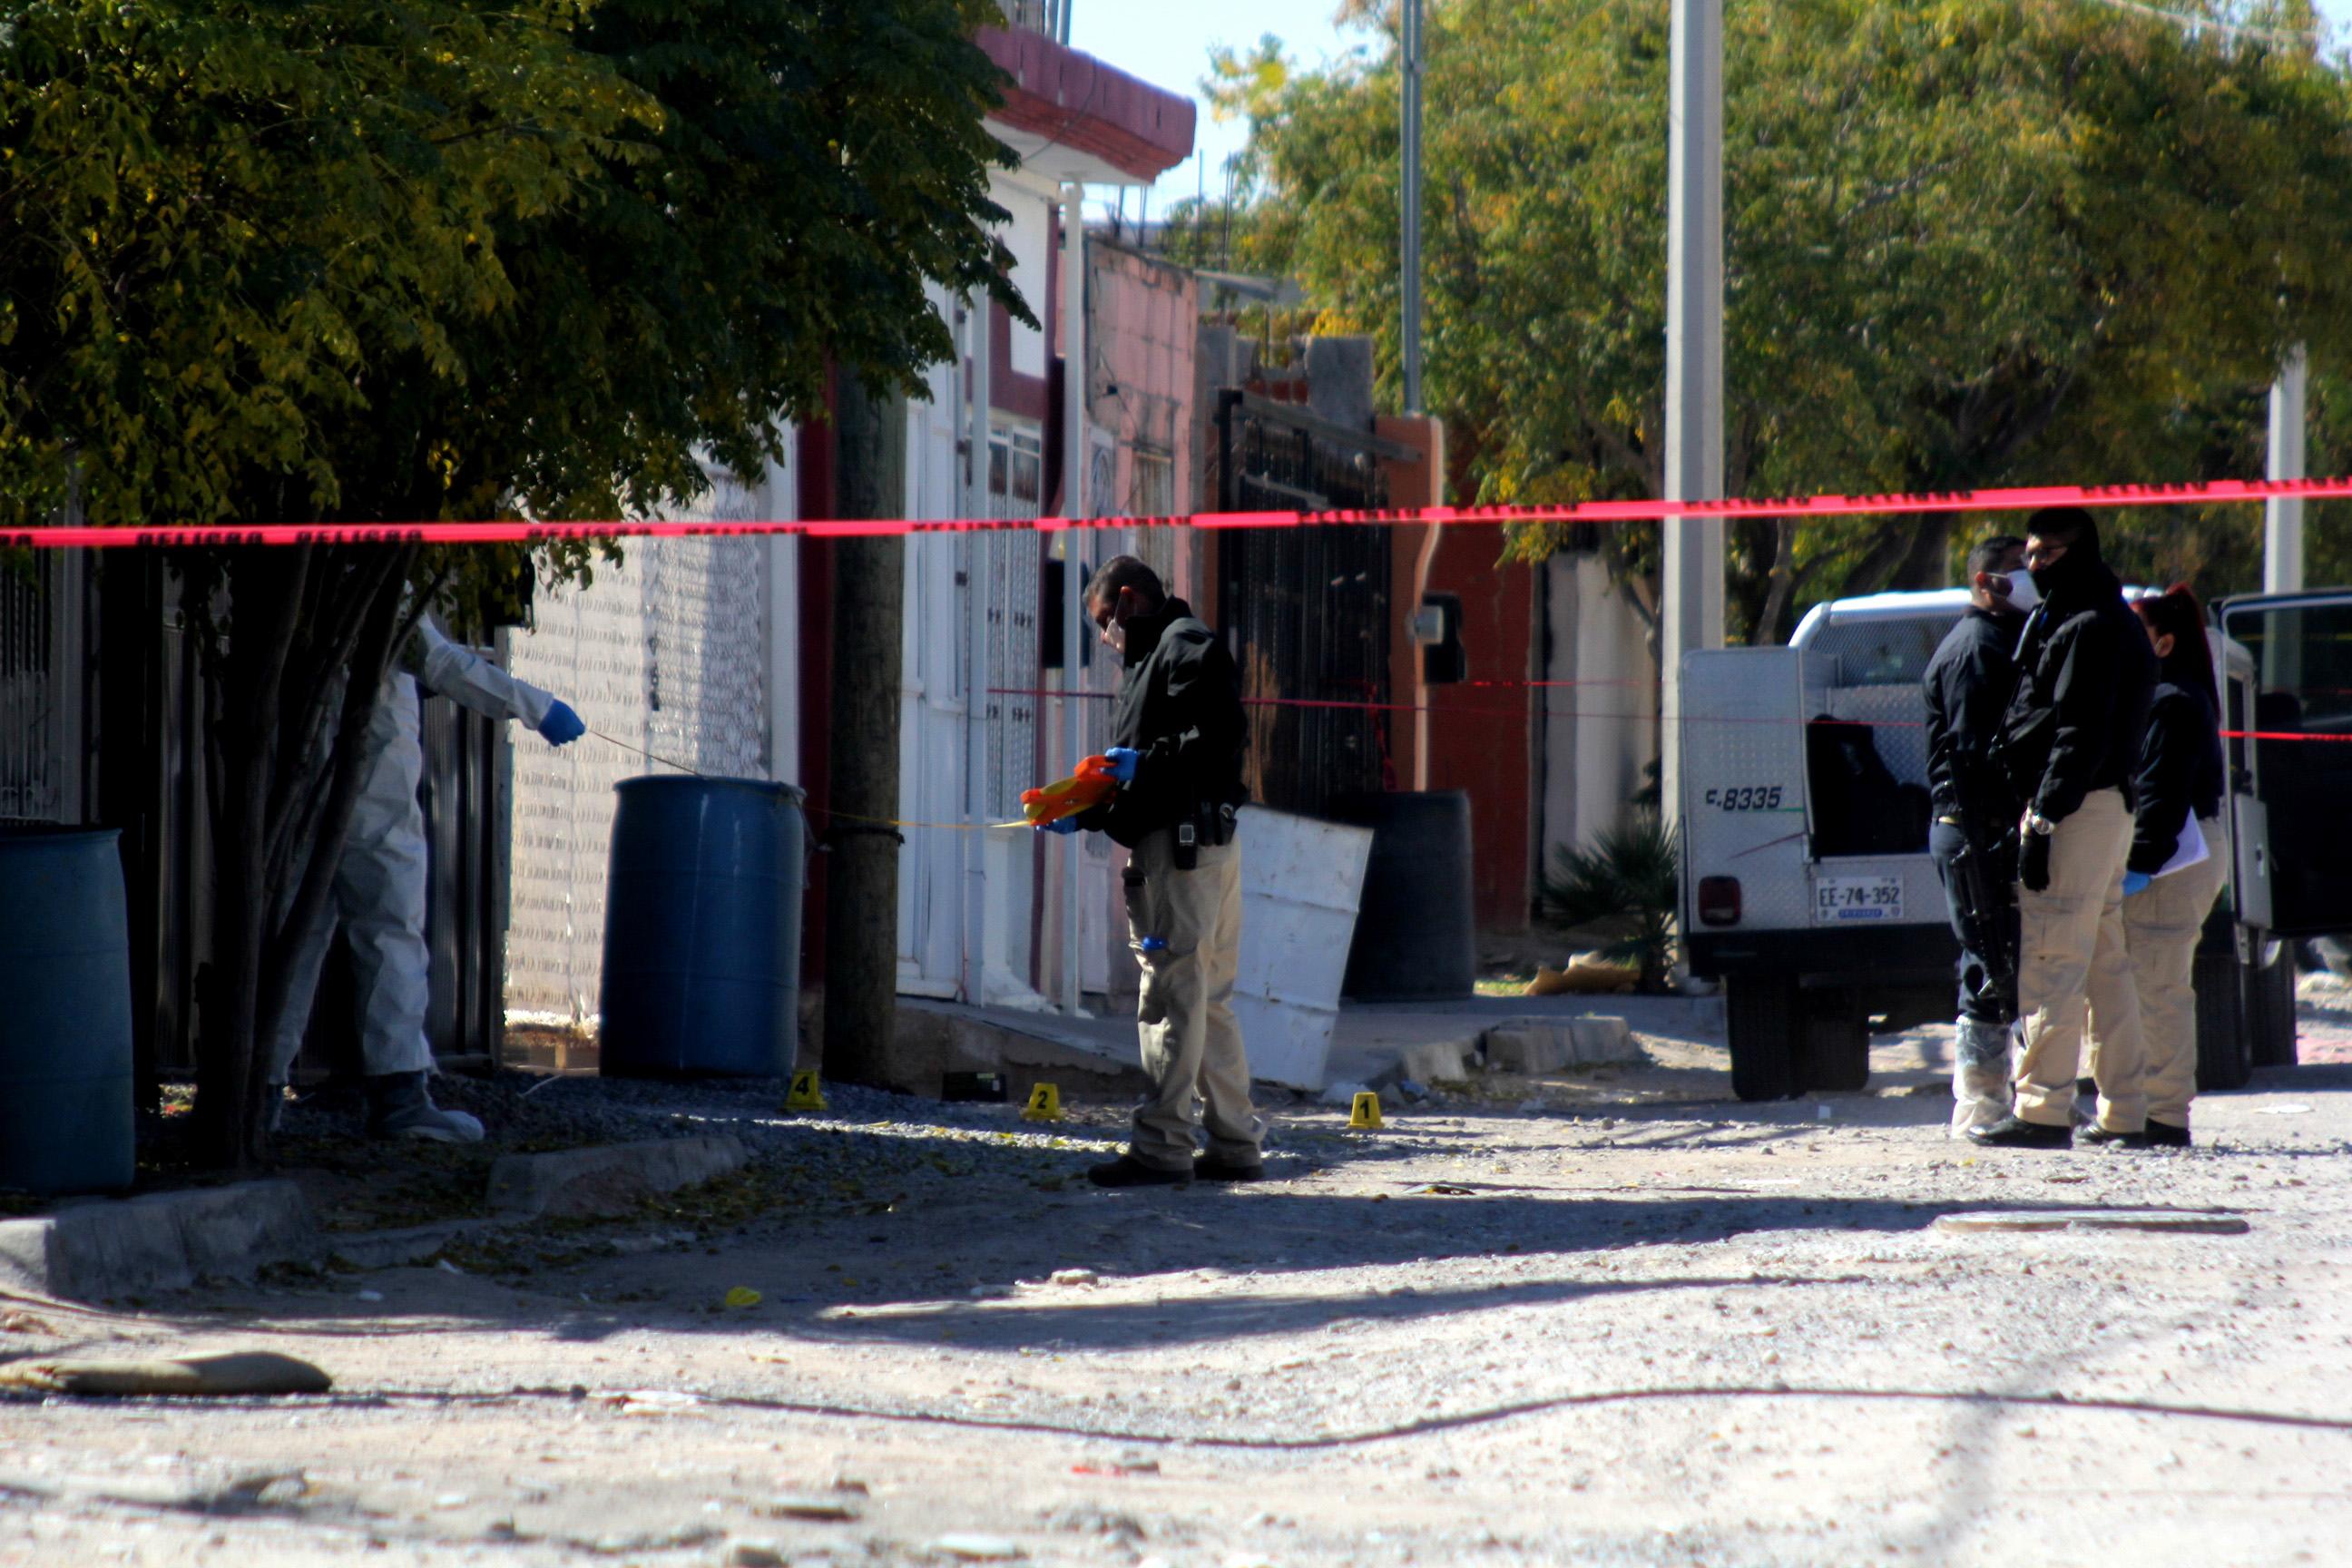 Y en Chihuahua disparan a periodista de National Geographic mientras realizaba una entrevista